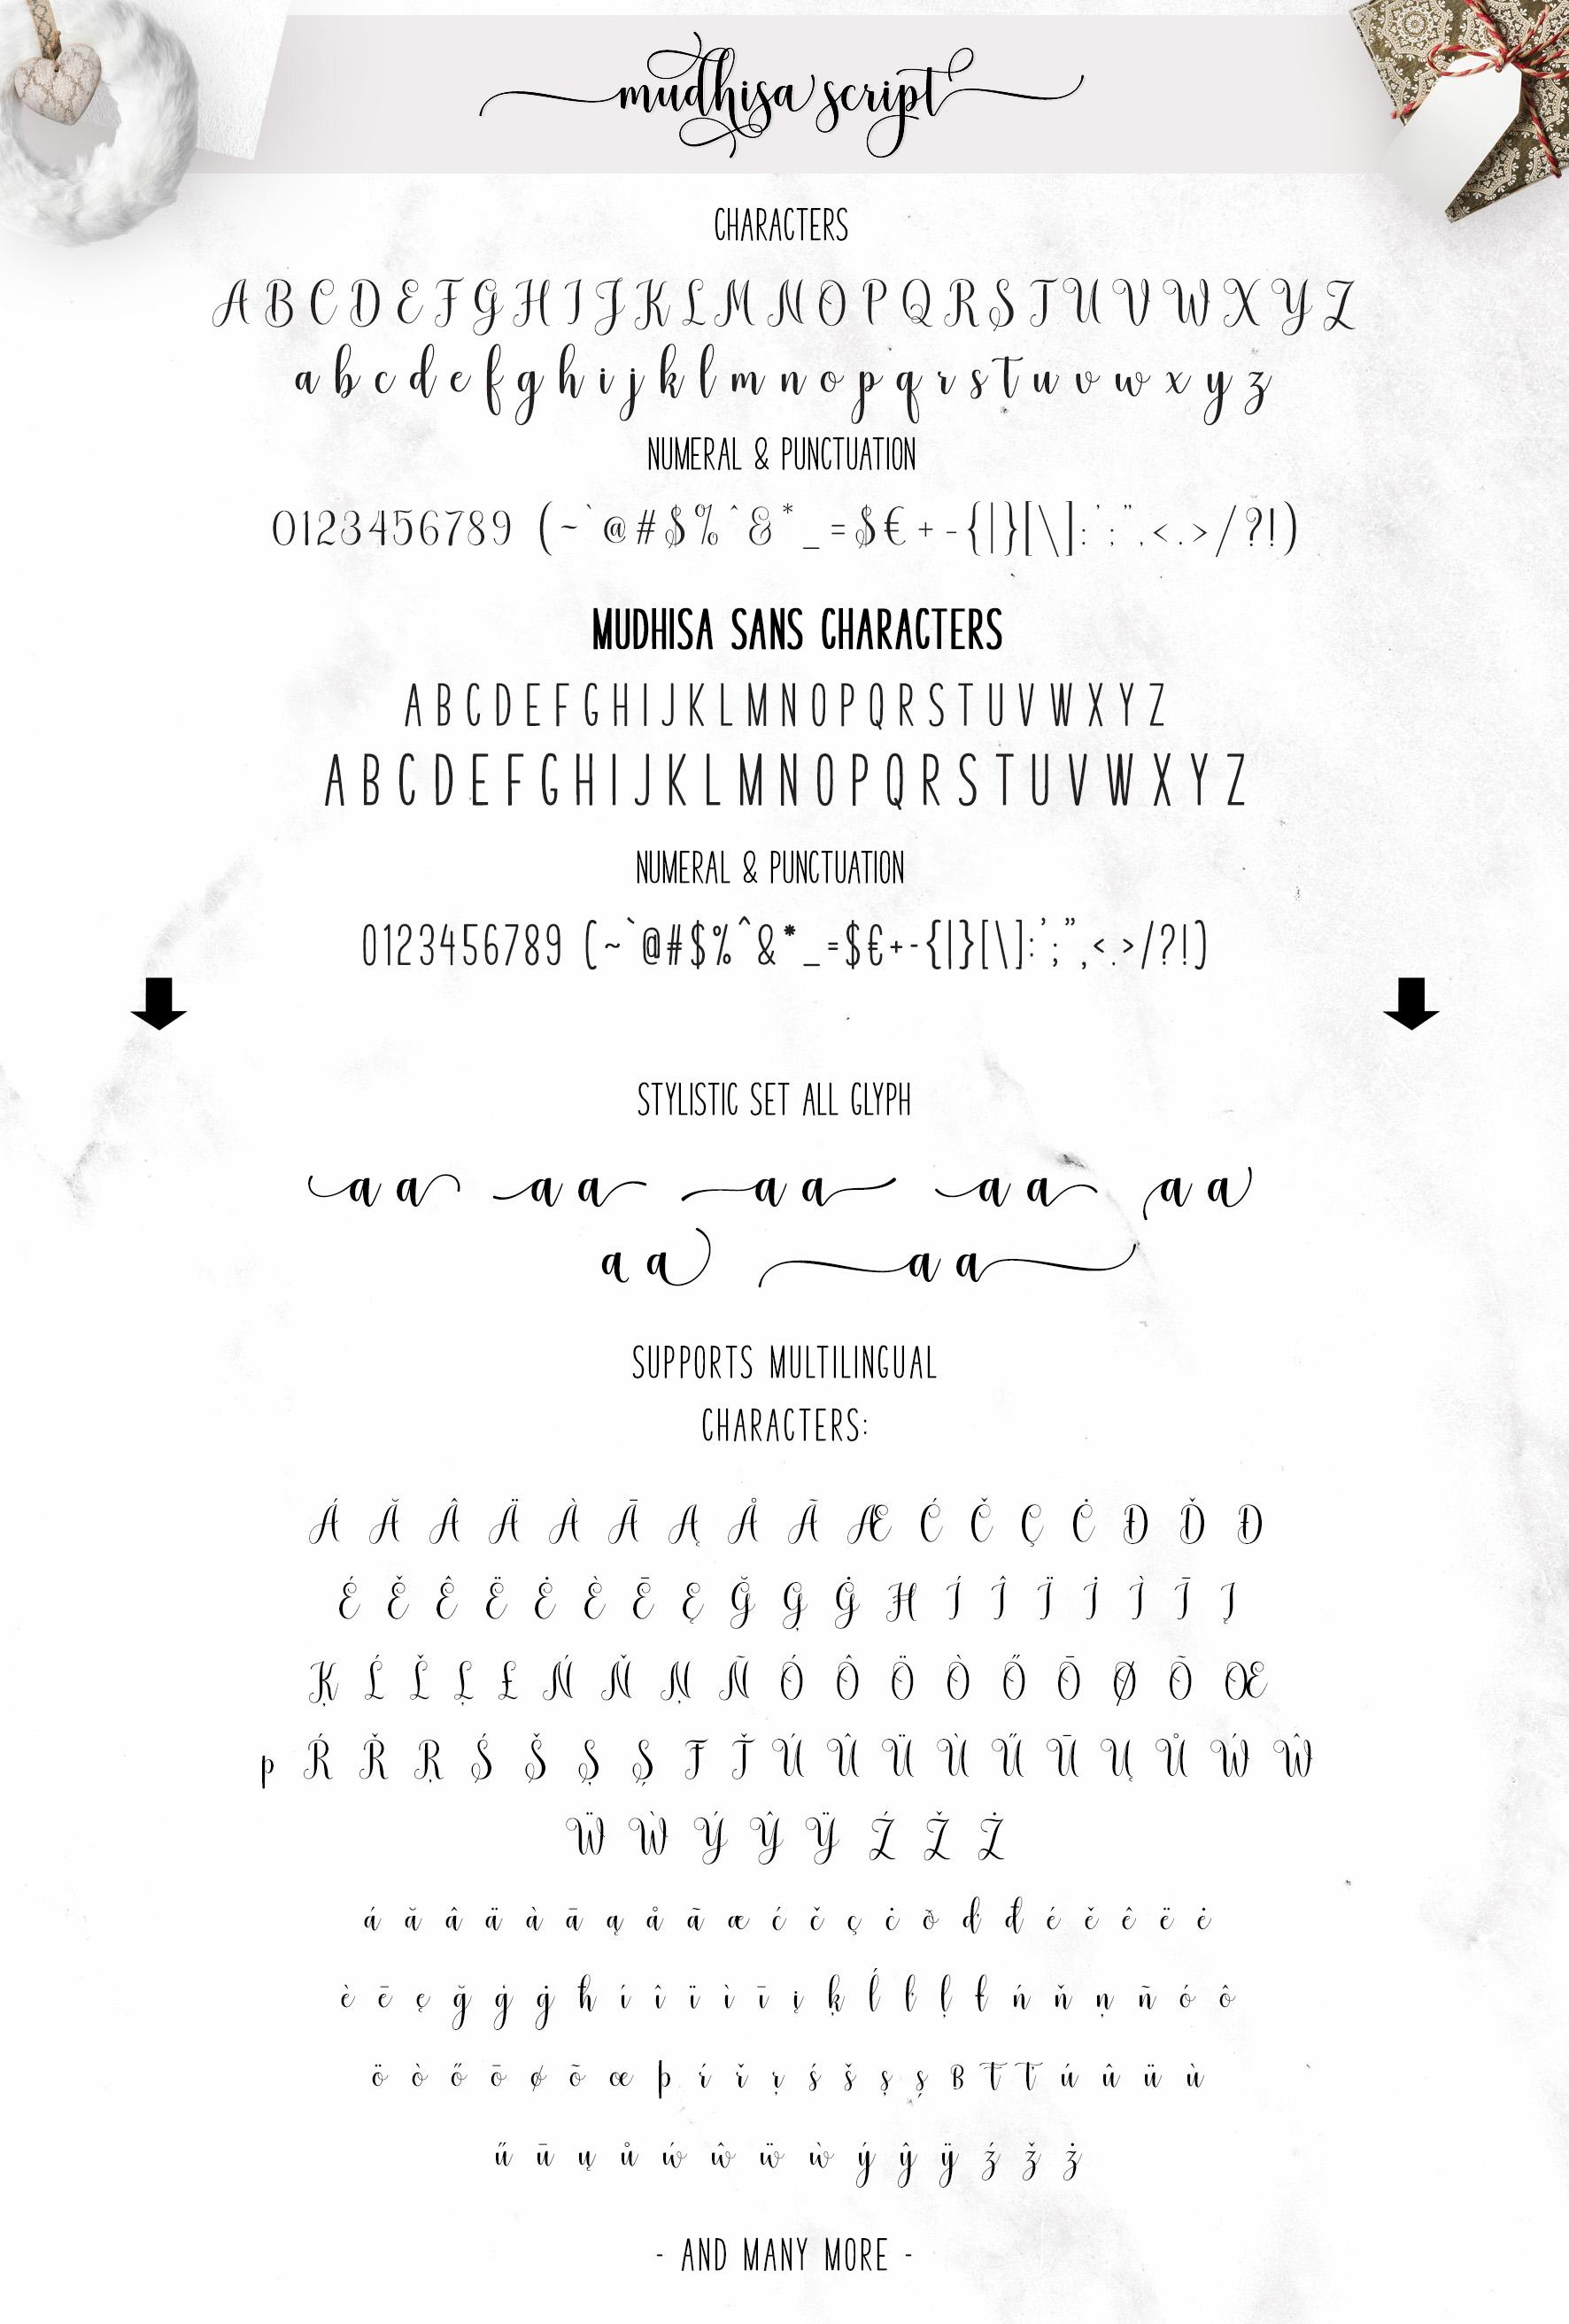 Mudhisa Script Font Trio example image 6